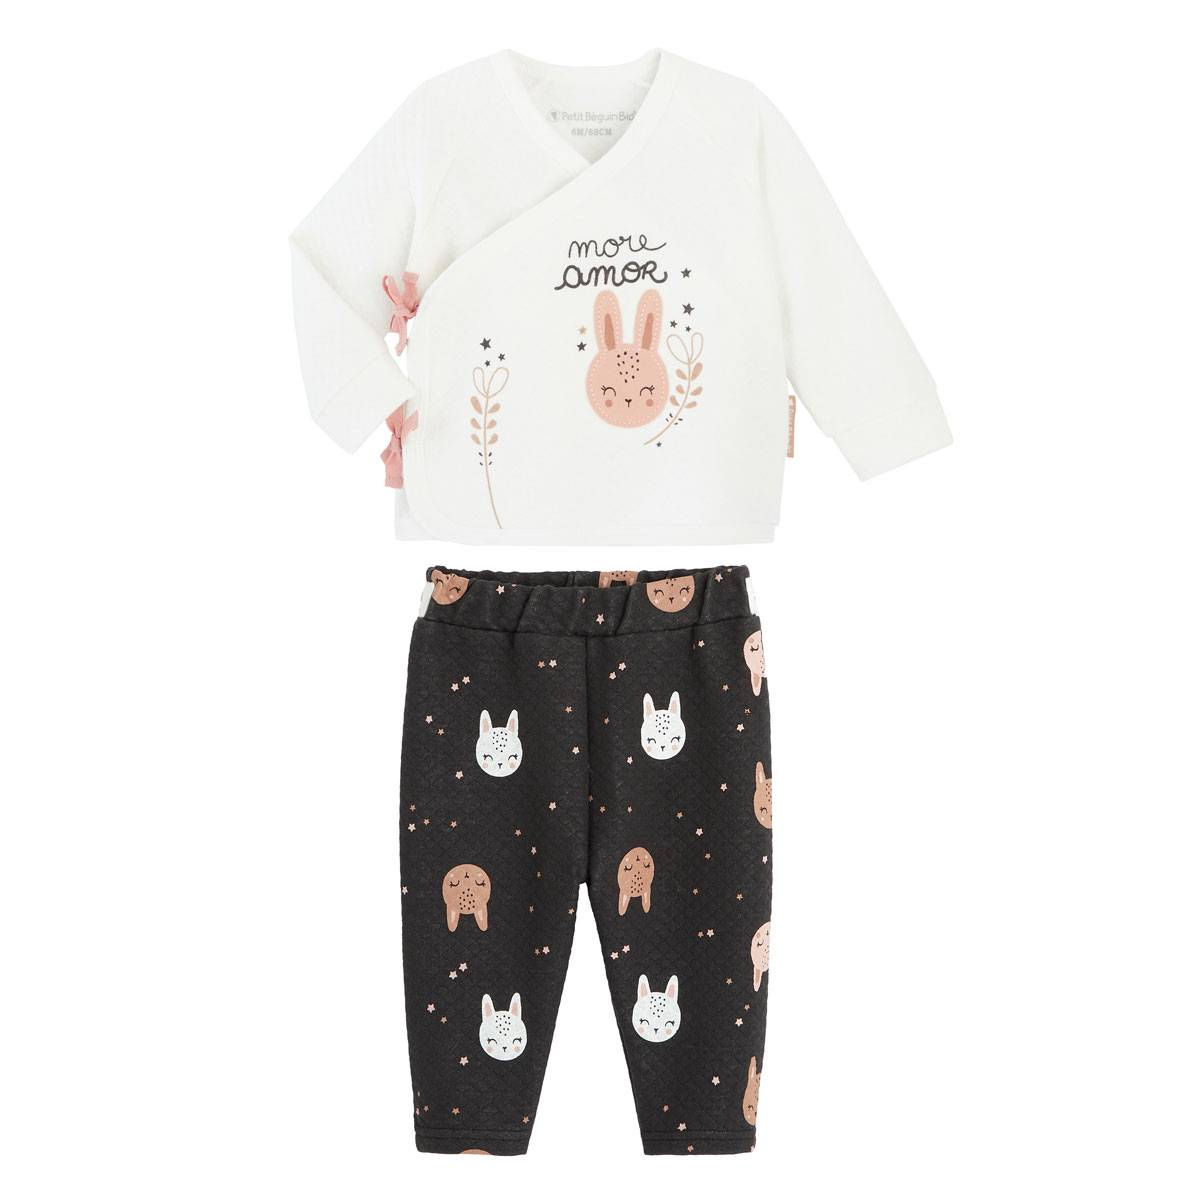 Petit Béguin Ensemble bébé fille gilet croisé et pantalon contenant du coton bio Chantilly - Taille - 1 mois